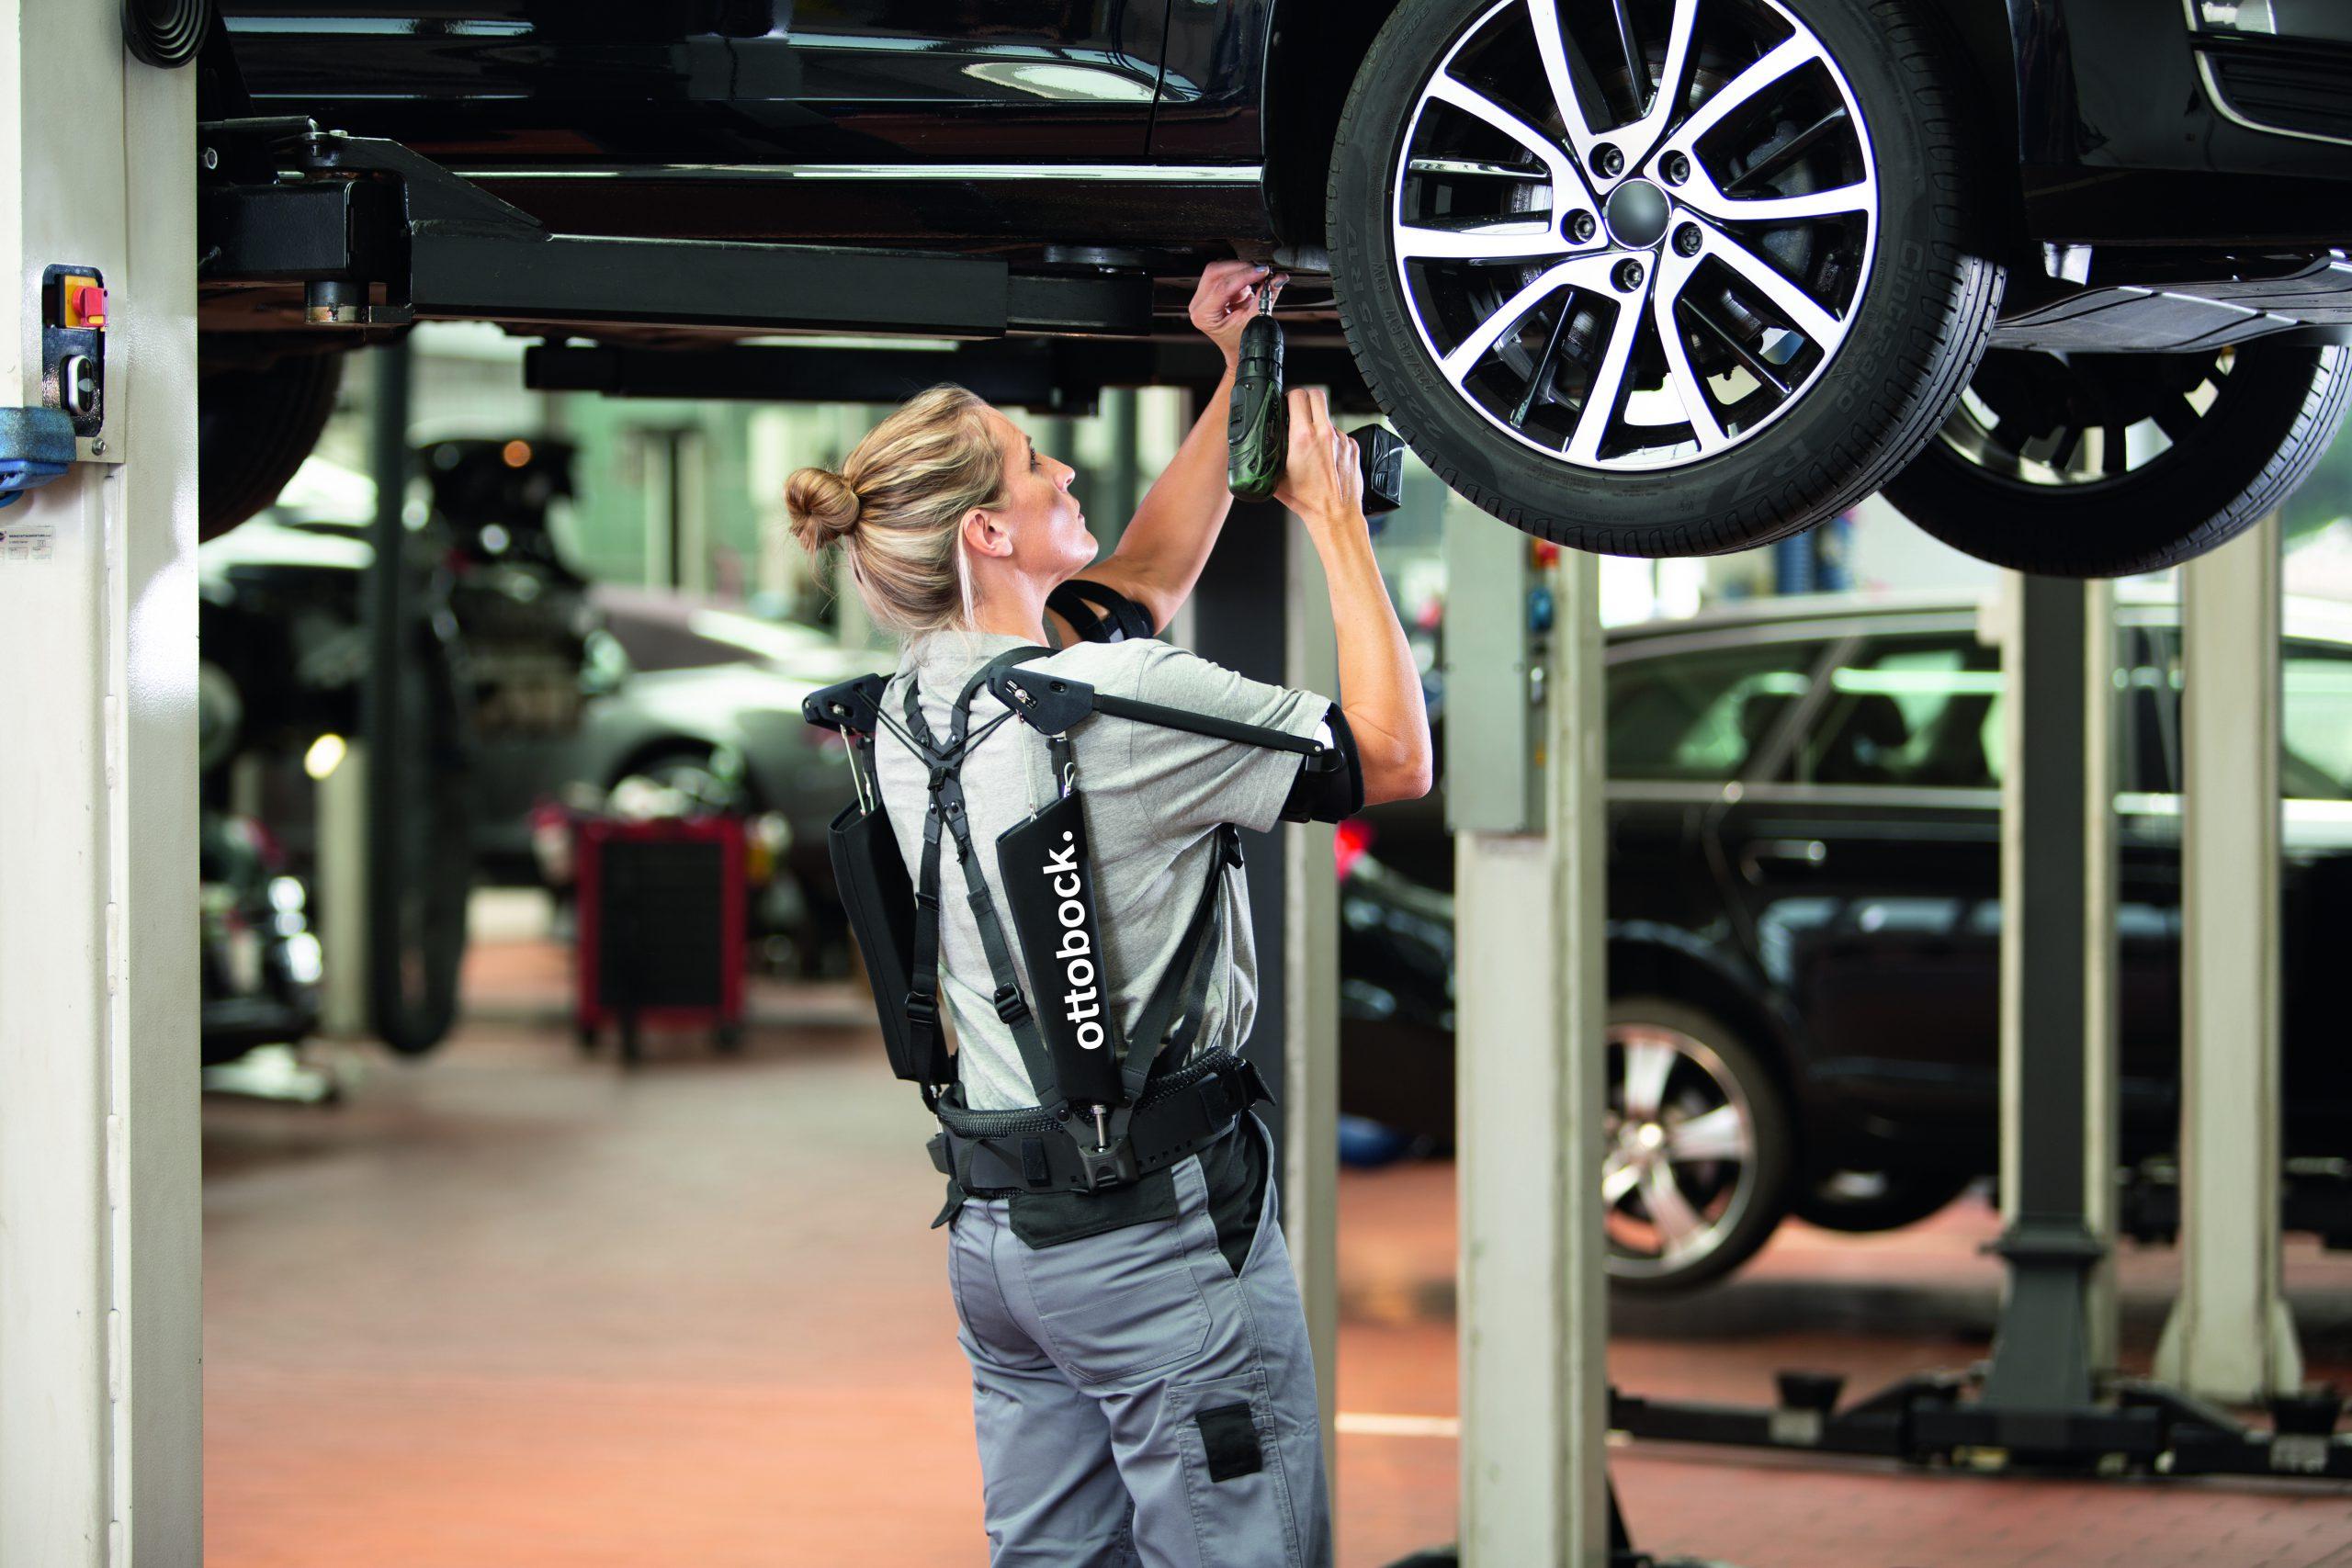 Overhead working on vehicle wearing Ottobock exoskeleton